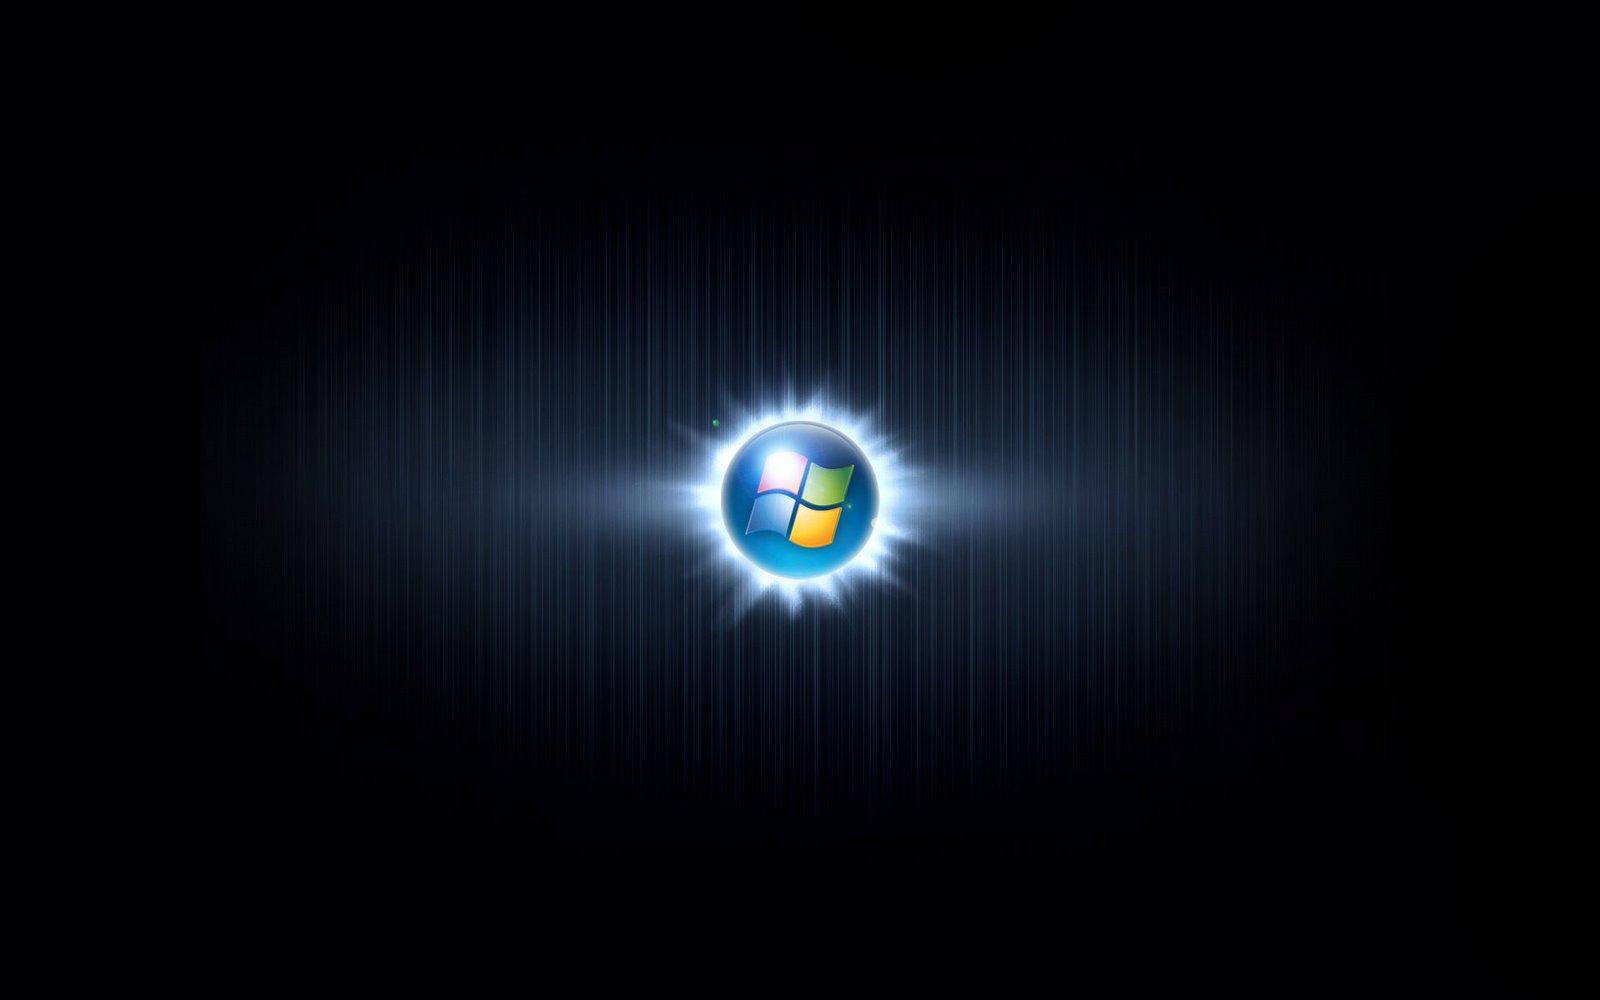 http://2.bp.blogspot.com/_XYb1gVEUpfI/SgfKLdsbeoI/AAAAAAAAA6s/KNDrn3eNn_M/s1600/Vista+Wallpaper+%2877%29.jpg